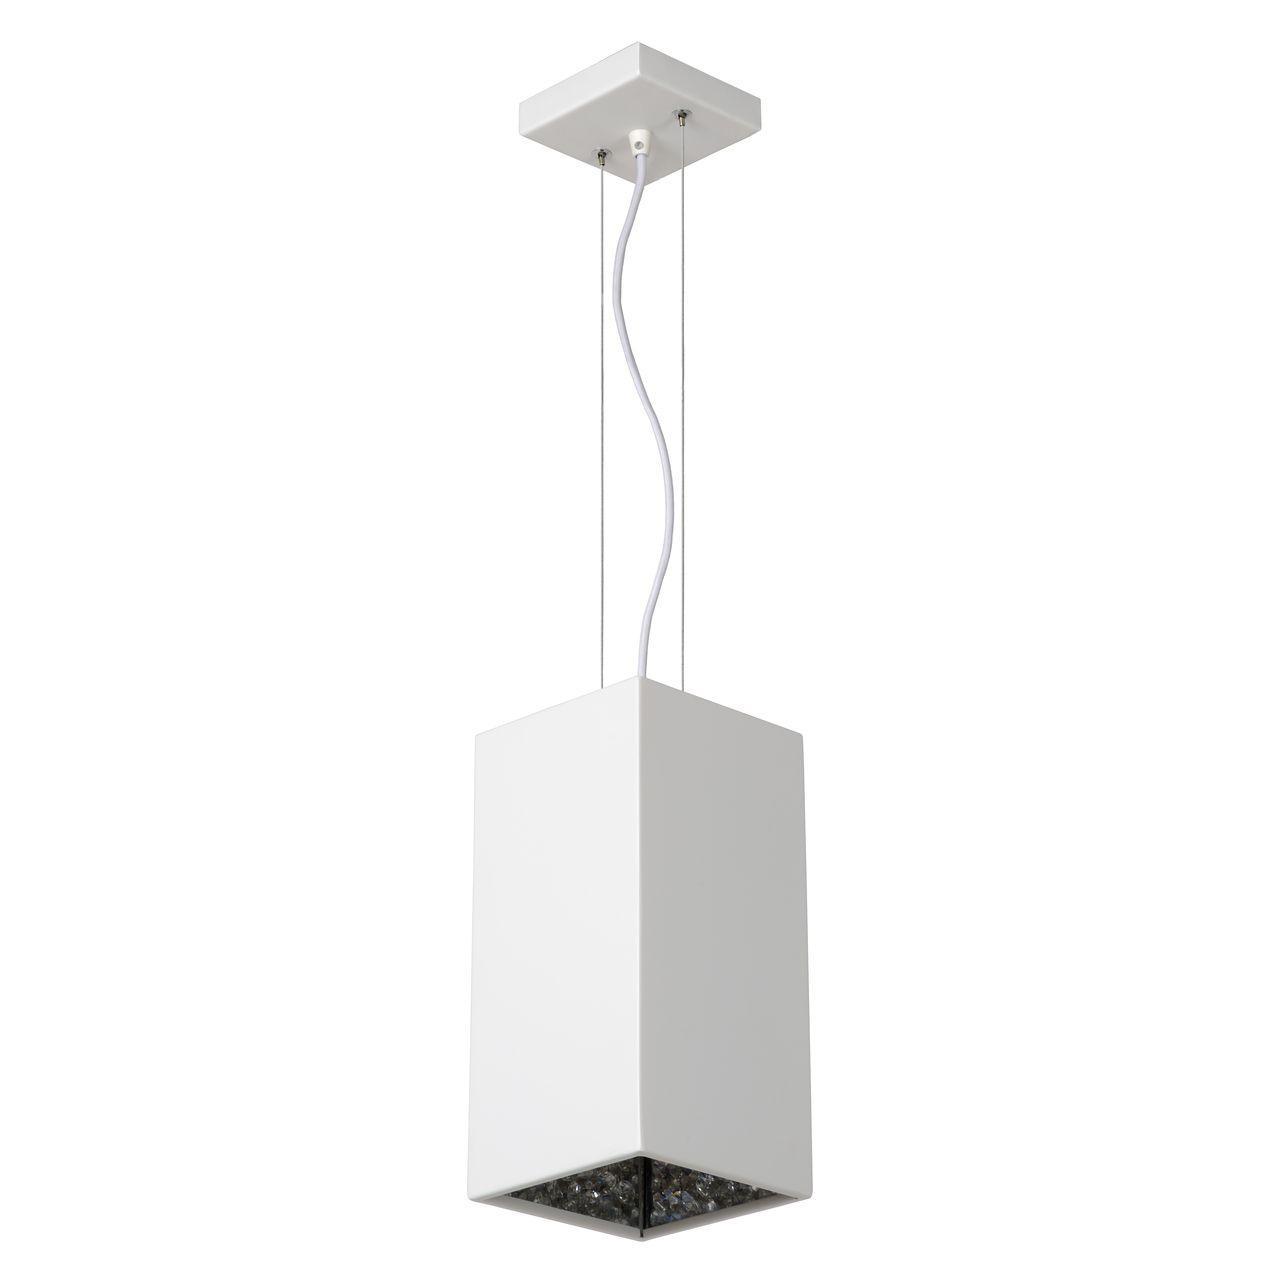 Подвесной светильник Lucide Gladis21401/15/31 потолочный светильник lucide gladis21101 30 31